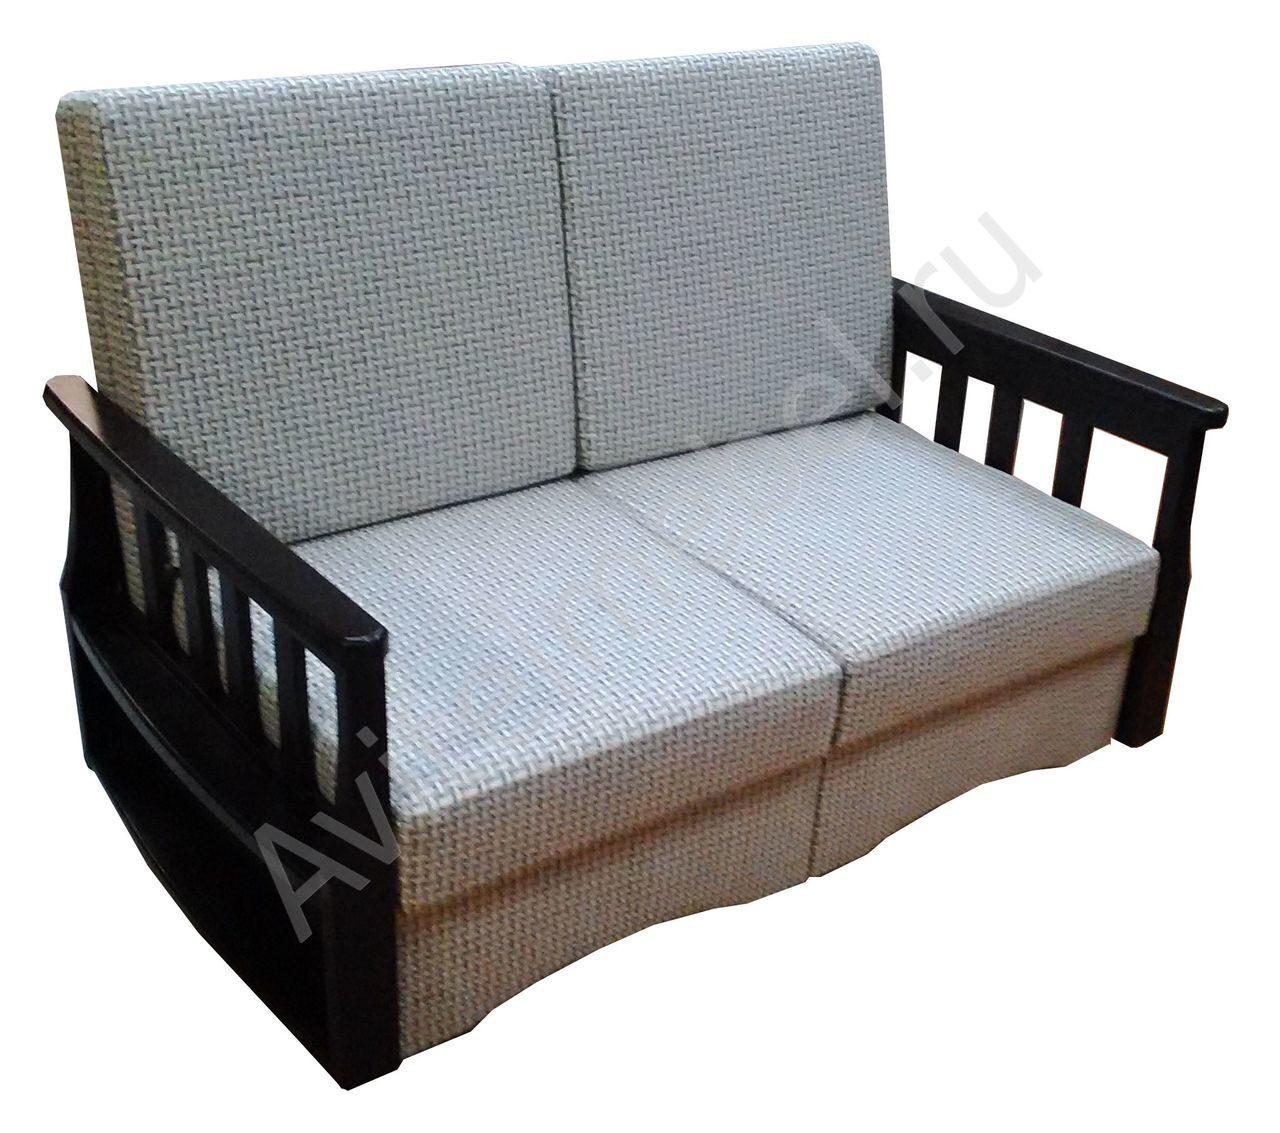 Купить диван кровать недорого в  Москве